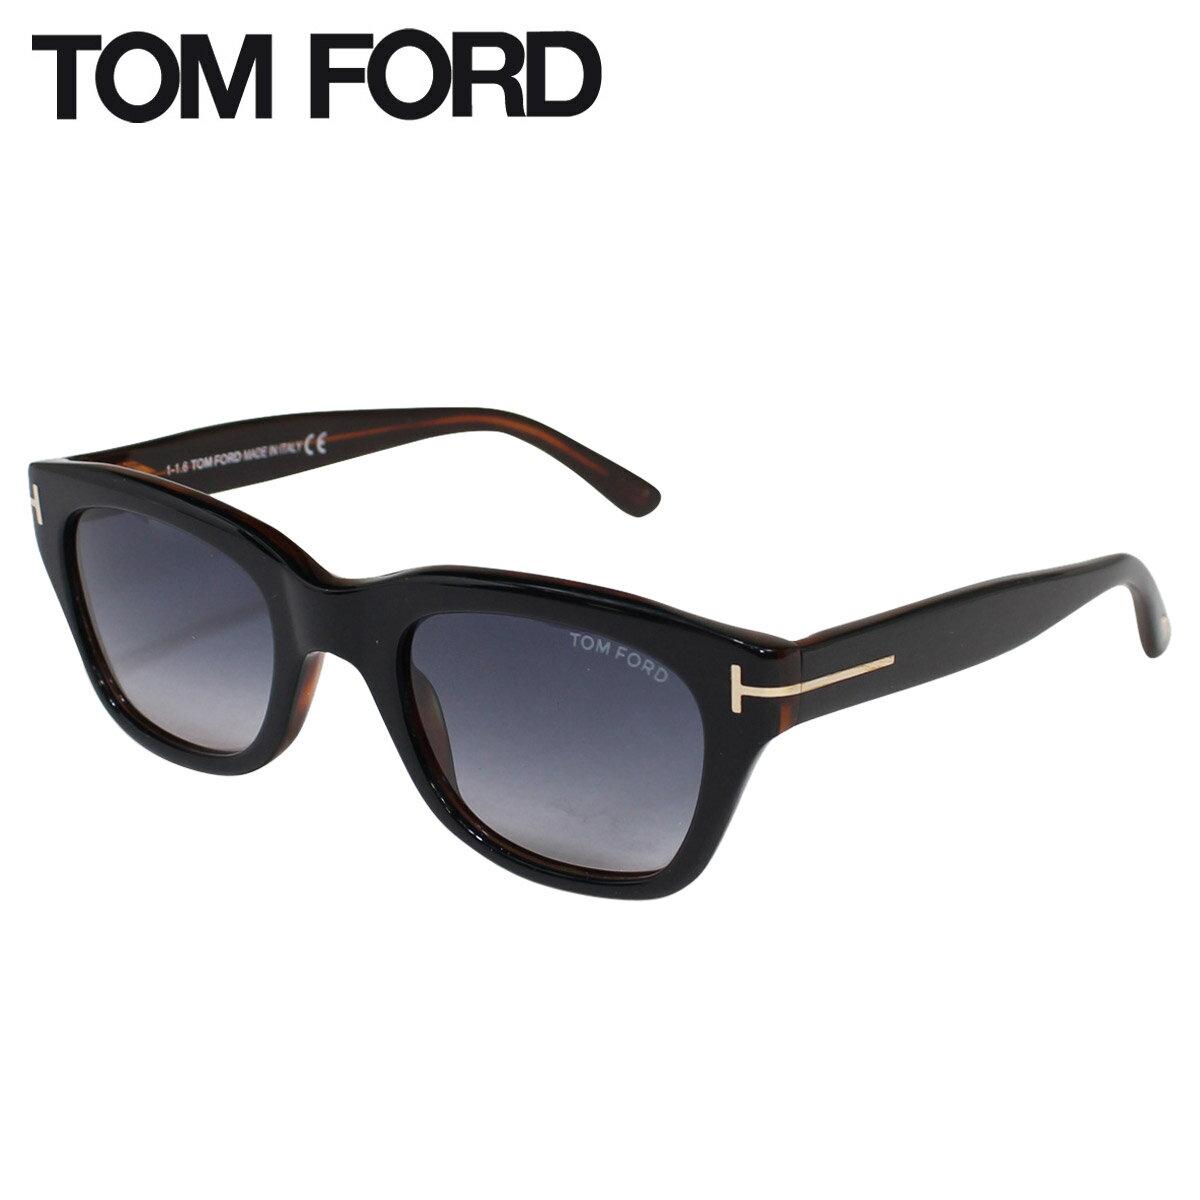 トムフォード TOM FORD サングラス メンズ レディース アイウェア SNOWDON SUNGLASSES FT0237 イタリア製